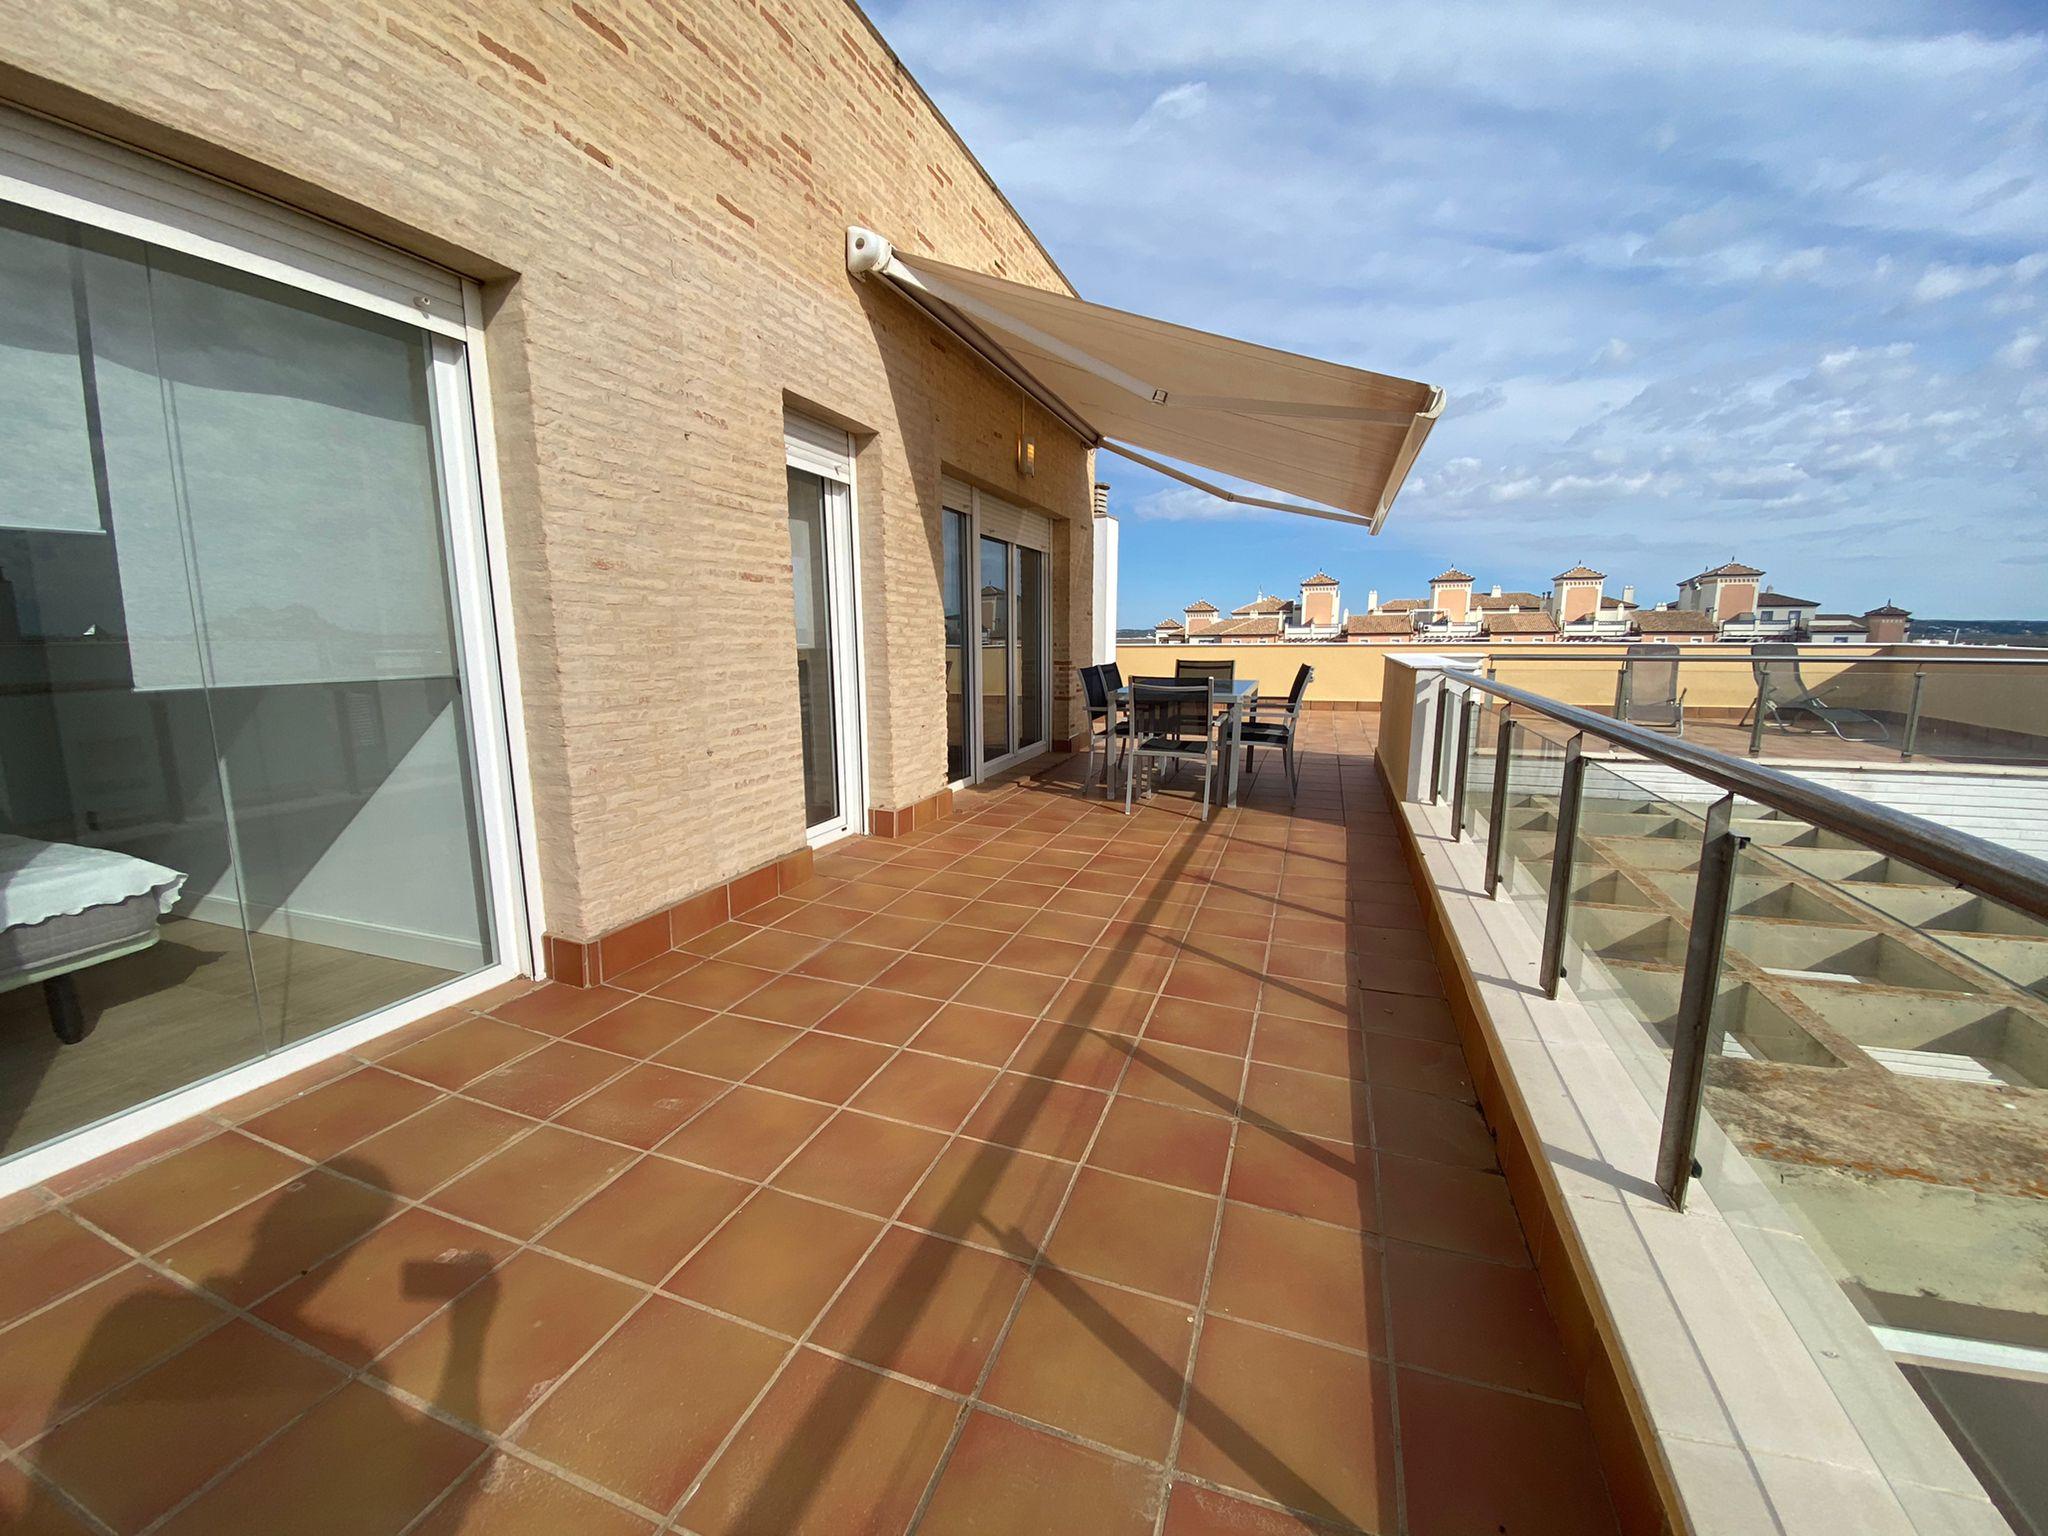 Imagen 3 del Apartamento Turístico, Ático 7 Central (3d+2b), Punta del Moral (HUELVA), Paseo de la Cruz nº22